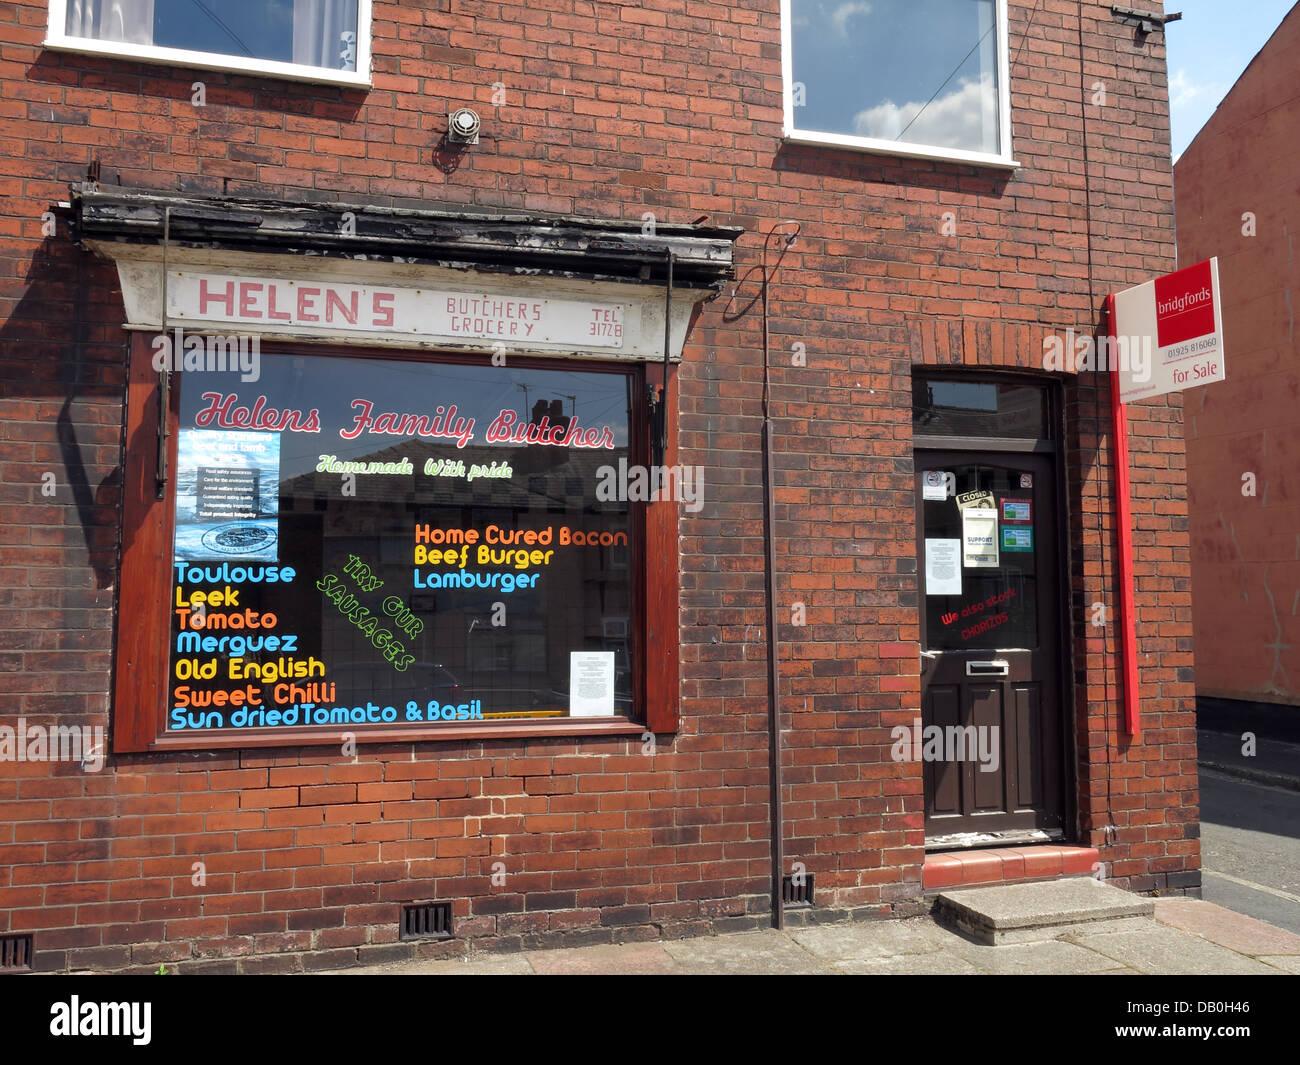 Laden Sie dieses Alamy Stockfoto Eine andere lokale Metzger zu verkaufen, Warrington Cheshire, England UK - DB0H46